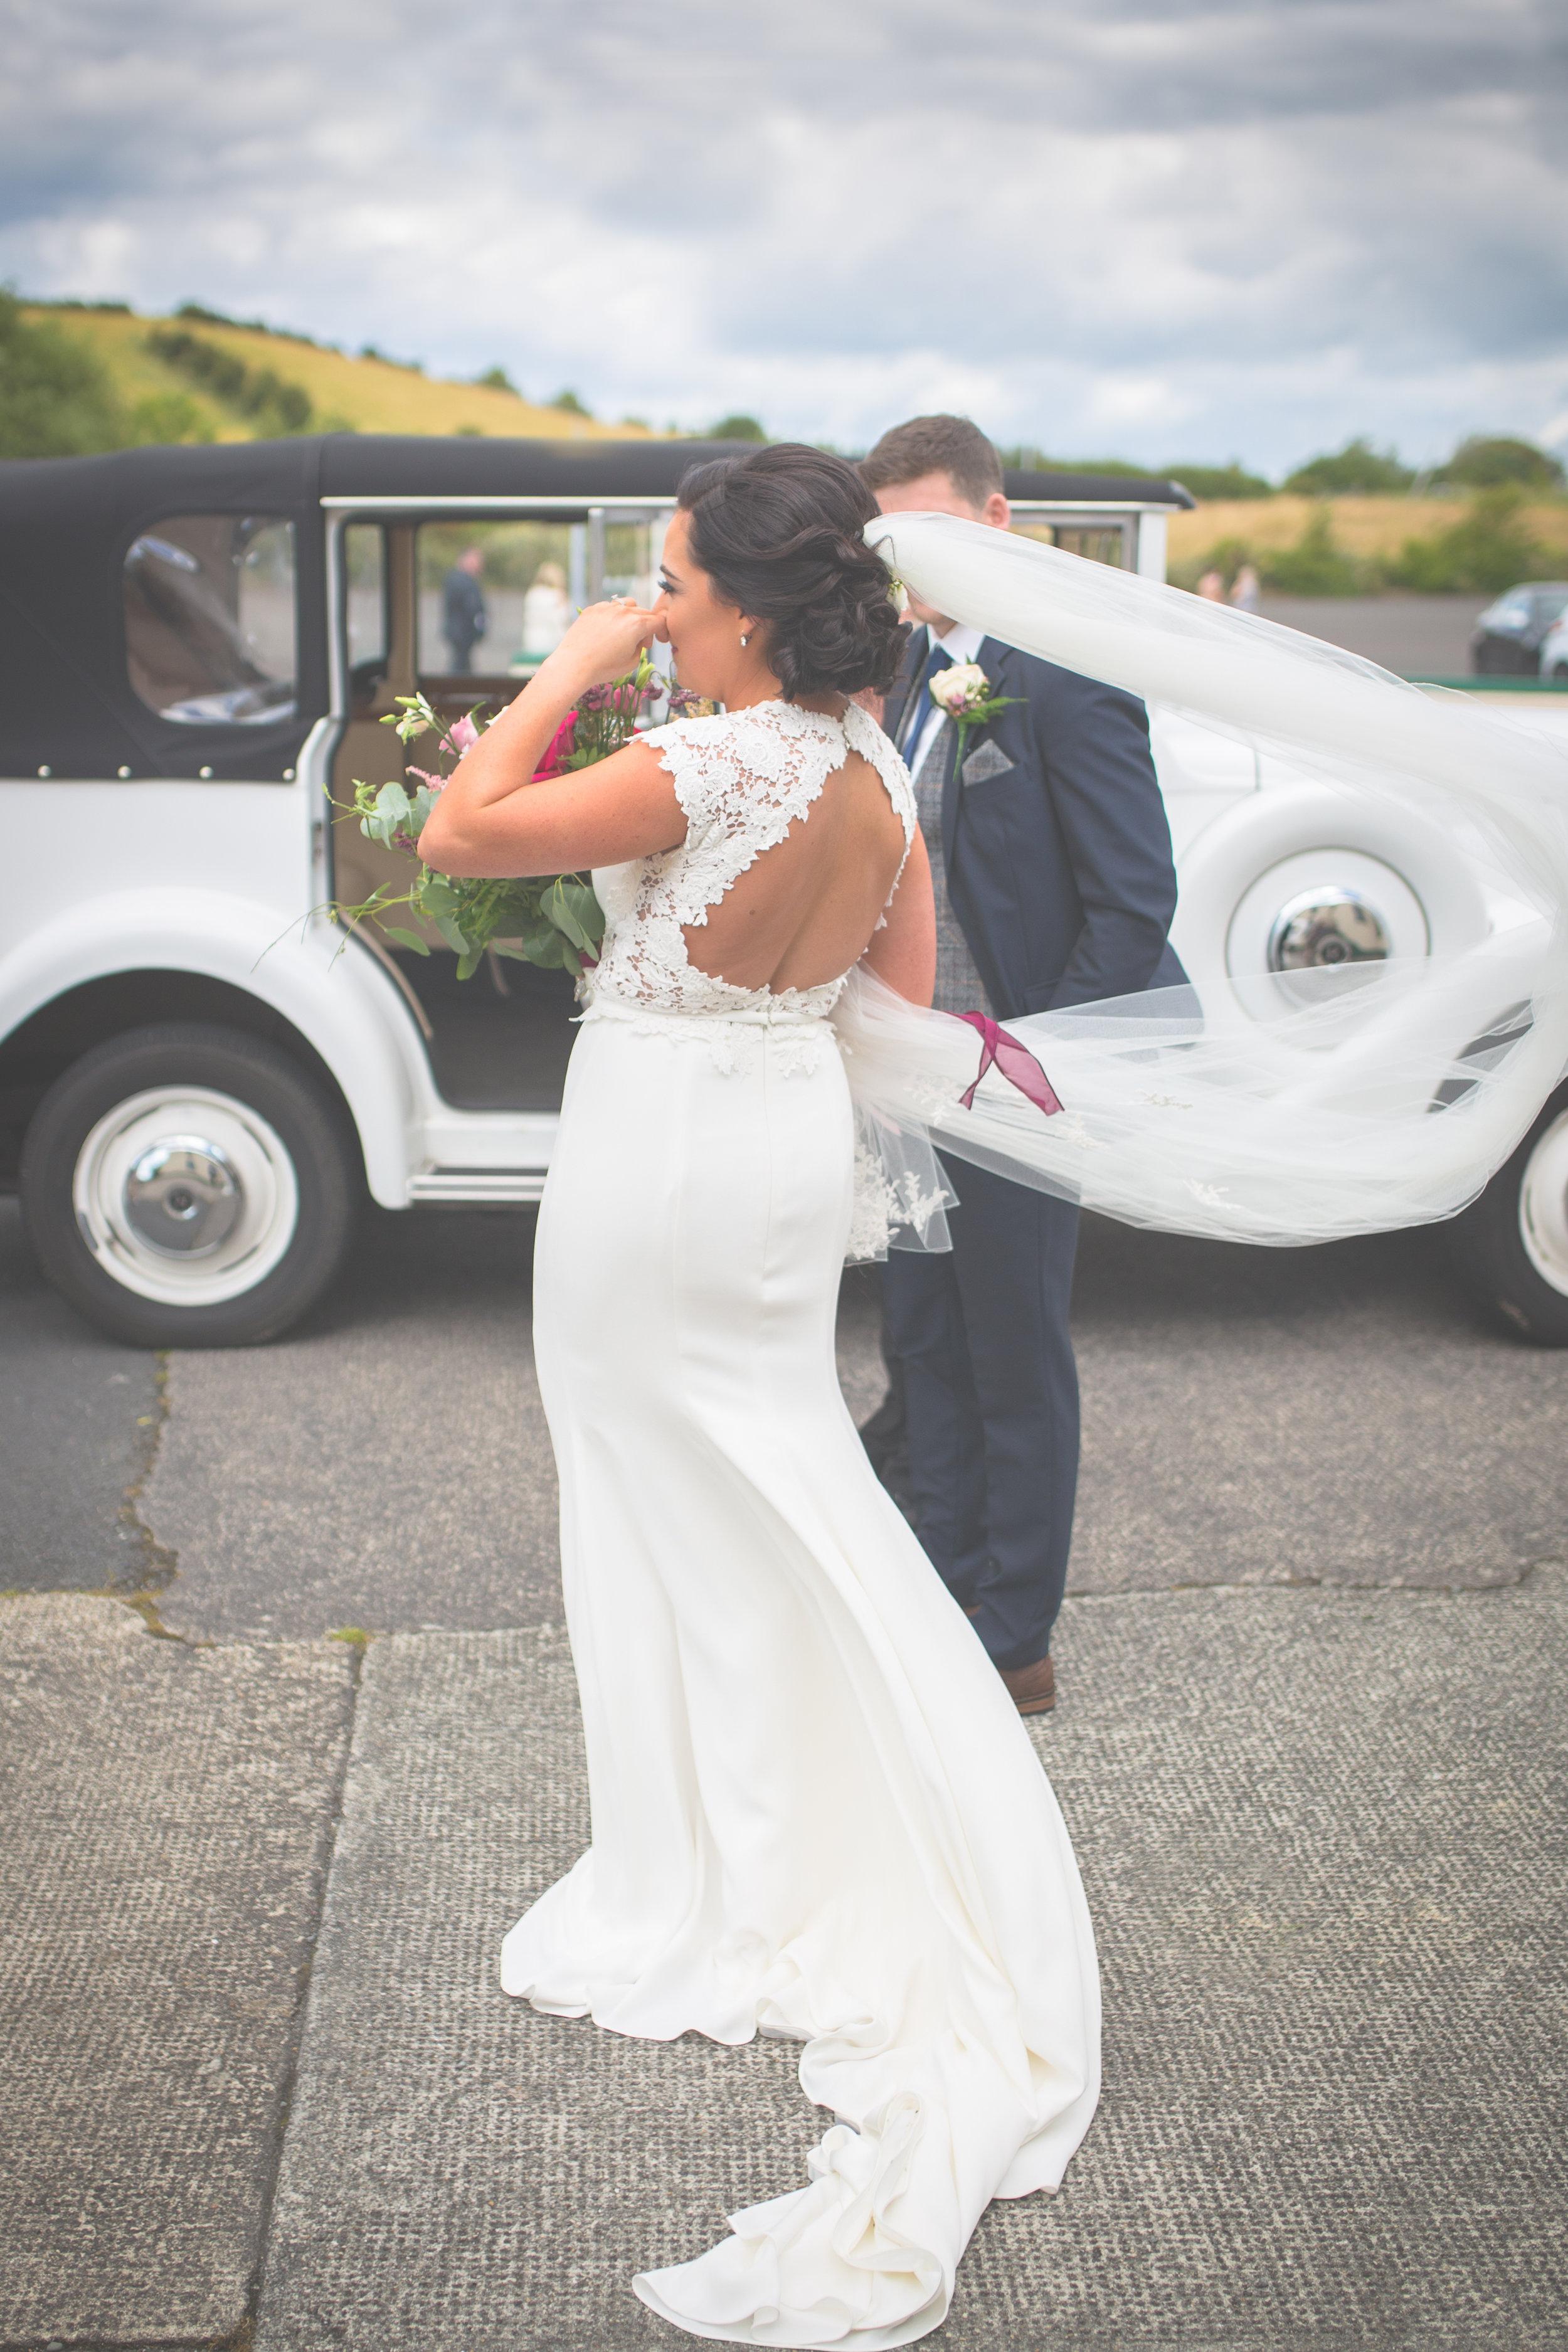 Brian McEwan Wedding Photography   Carol-Anne & Sean   The Ceremony-163.jpg